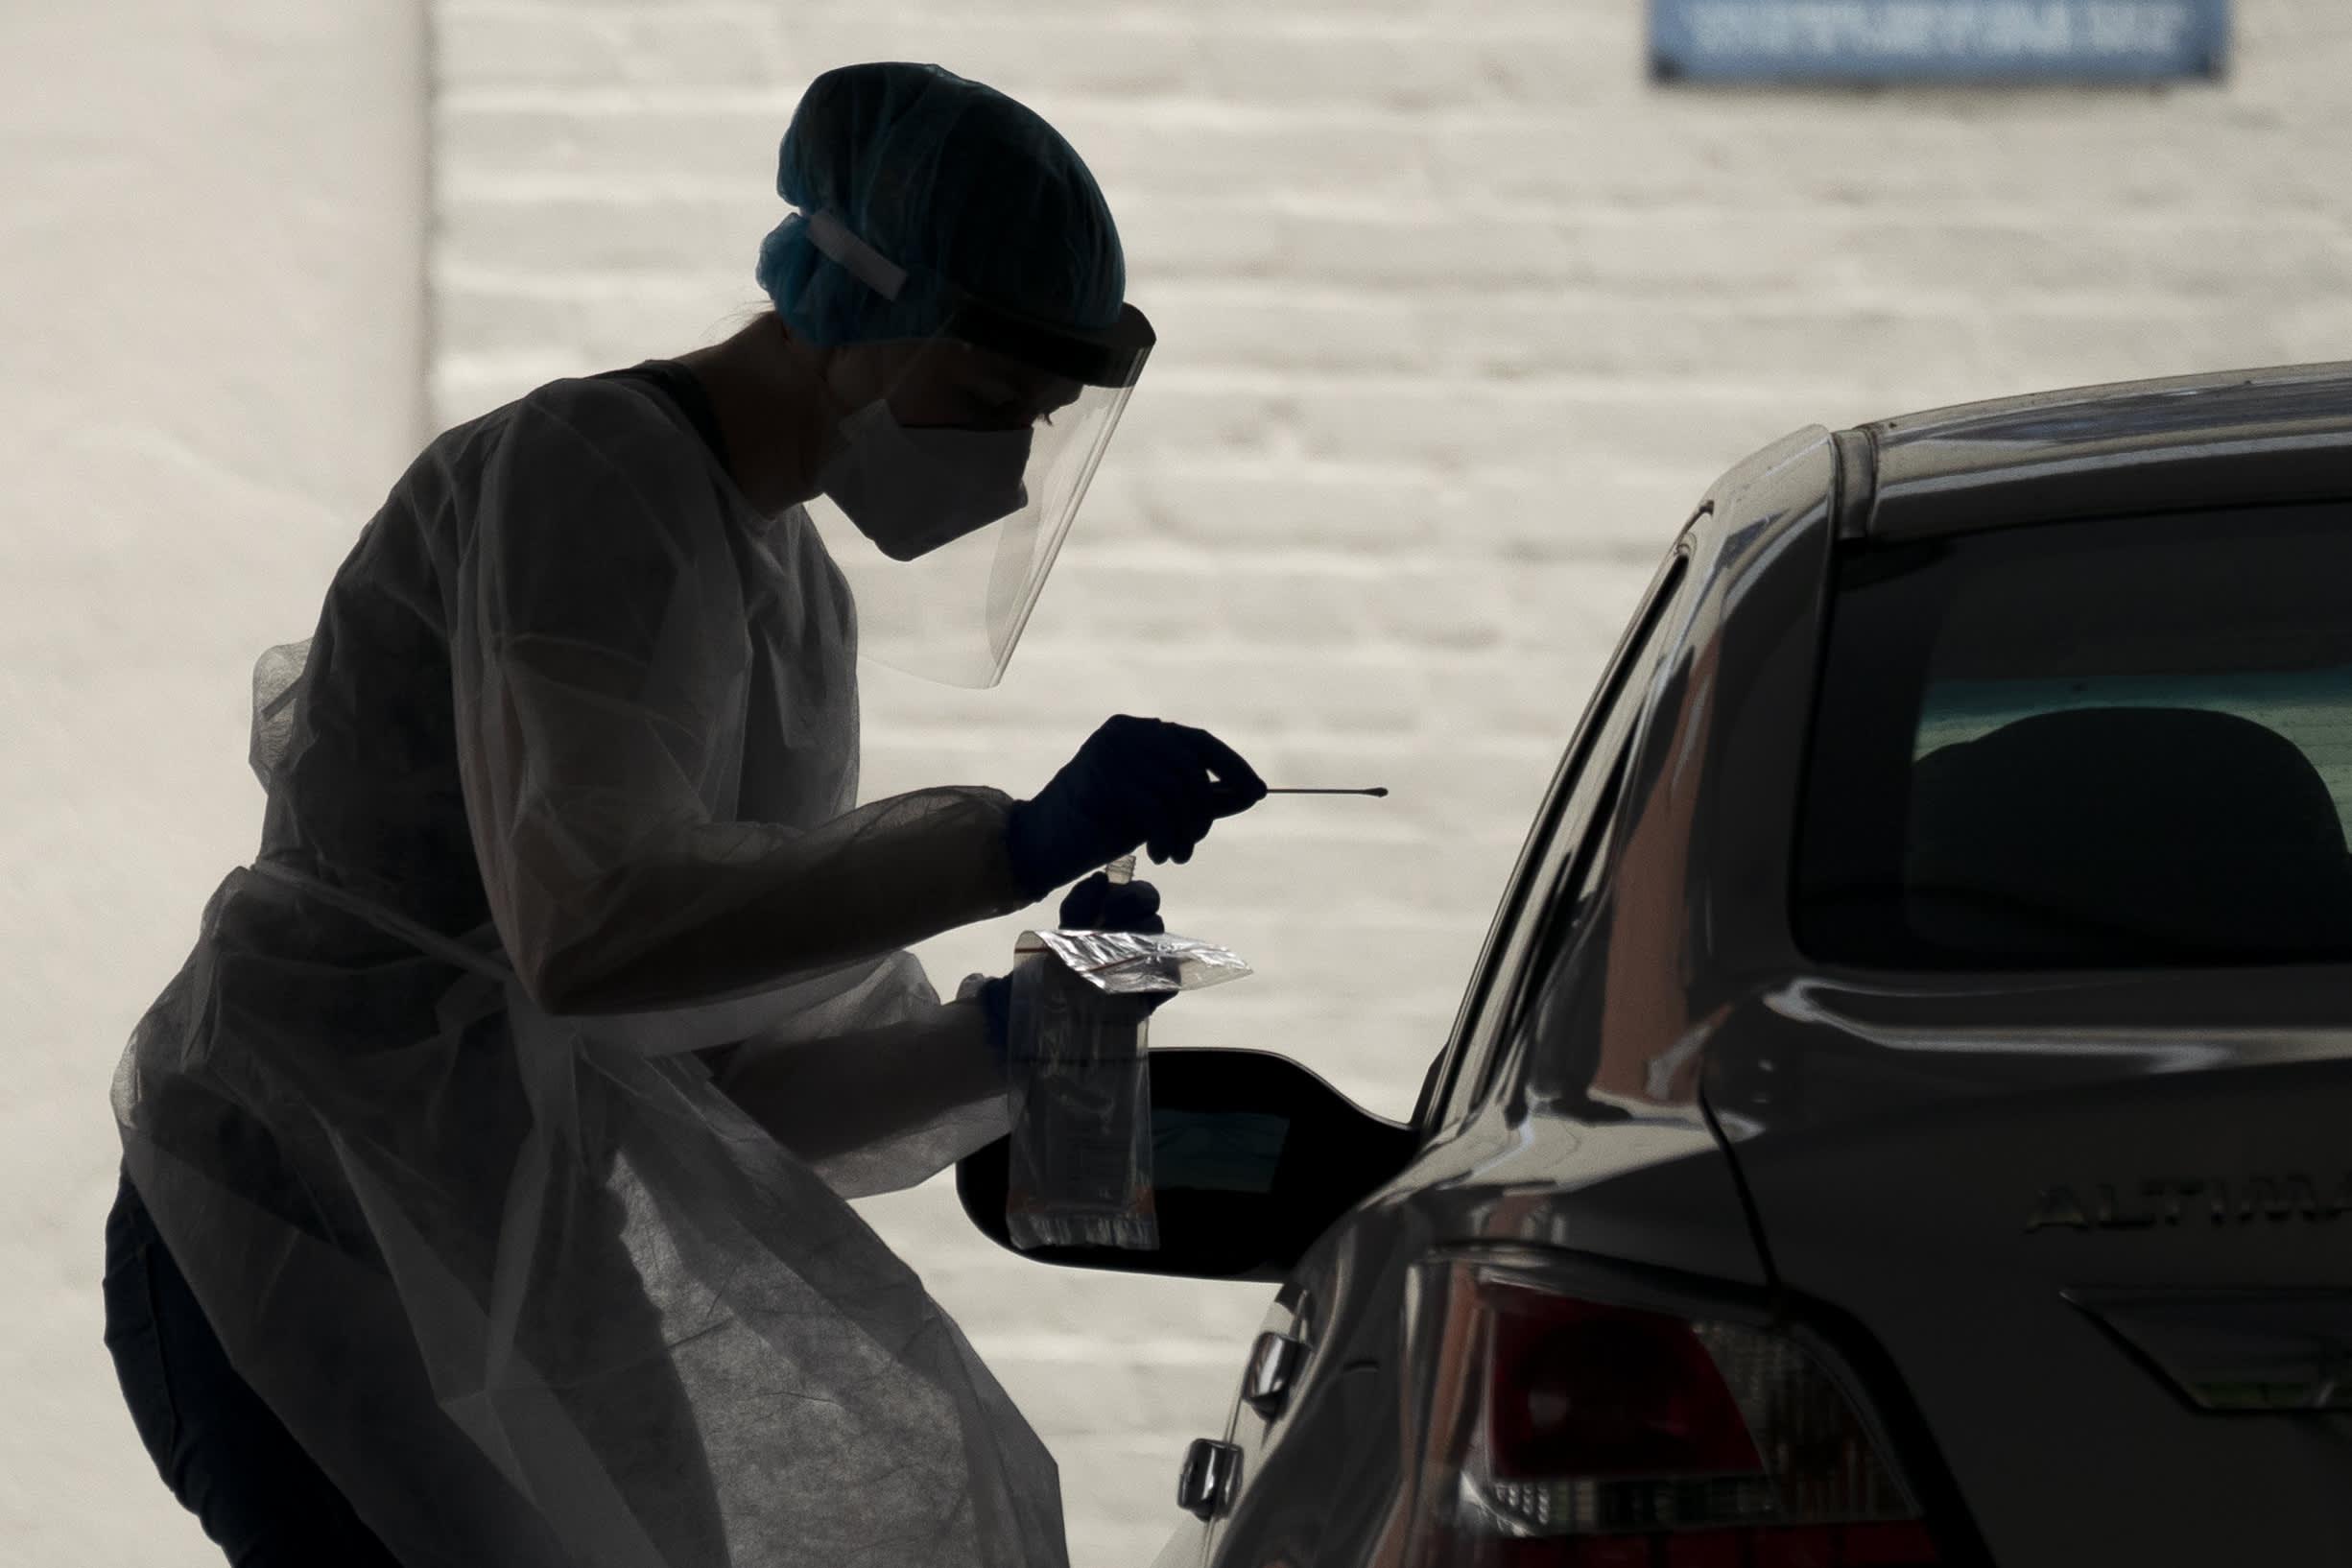 शीर्ष रणनीतिकार फिल ऑरलैंडो ने कहा कि कोरोनावायरस स्पाइक शेयरों को 10% सुधार में धकेलने की संभावना है